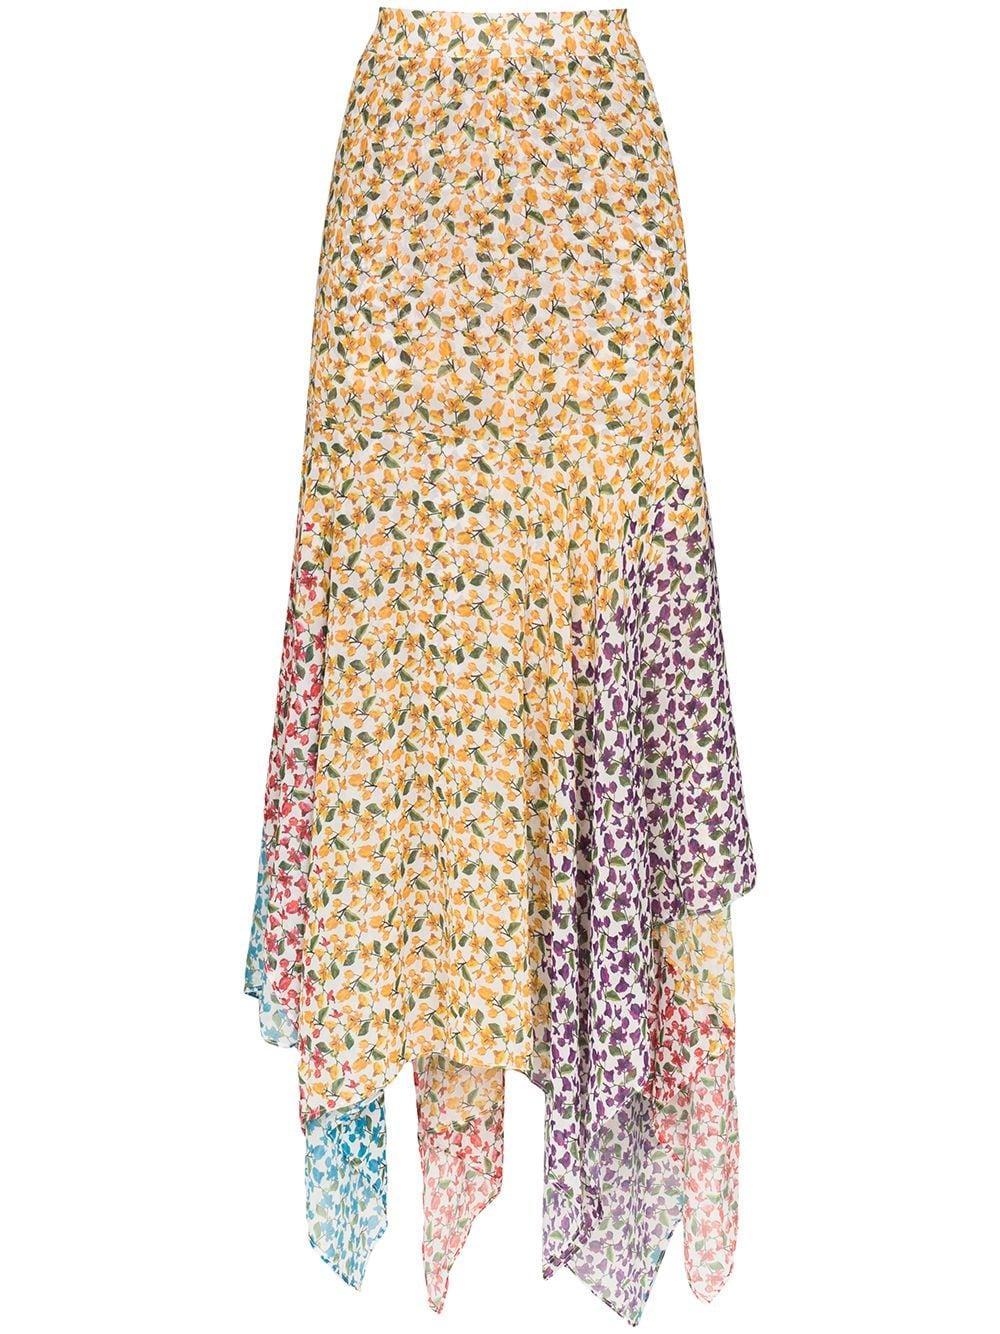 All Things Mochi юбка Elisa асимметричного кроя с цветочным принтом